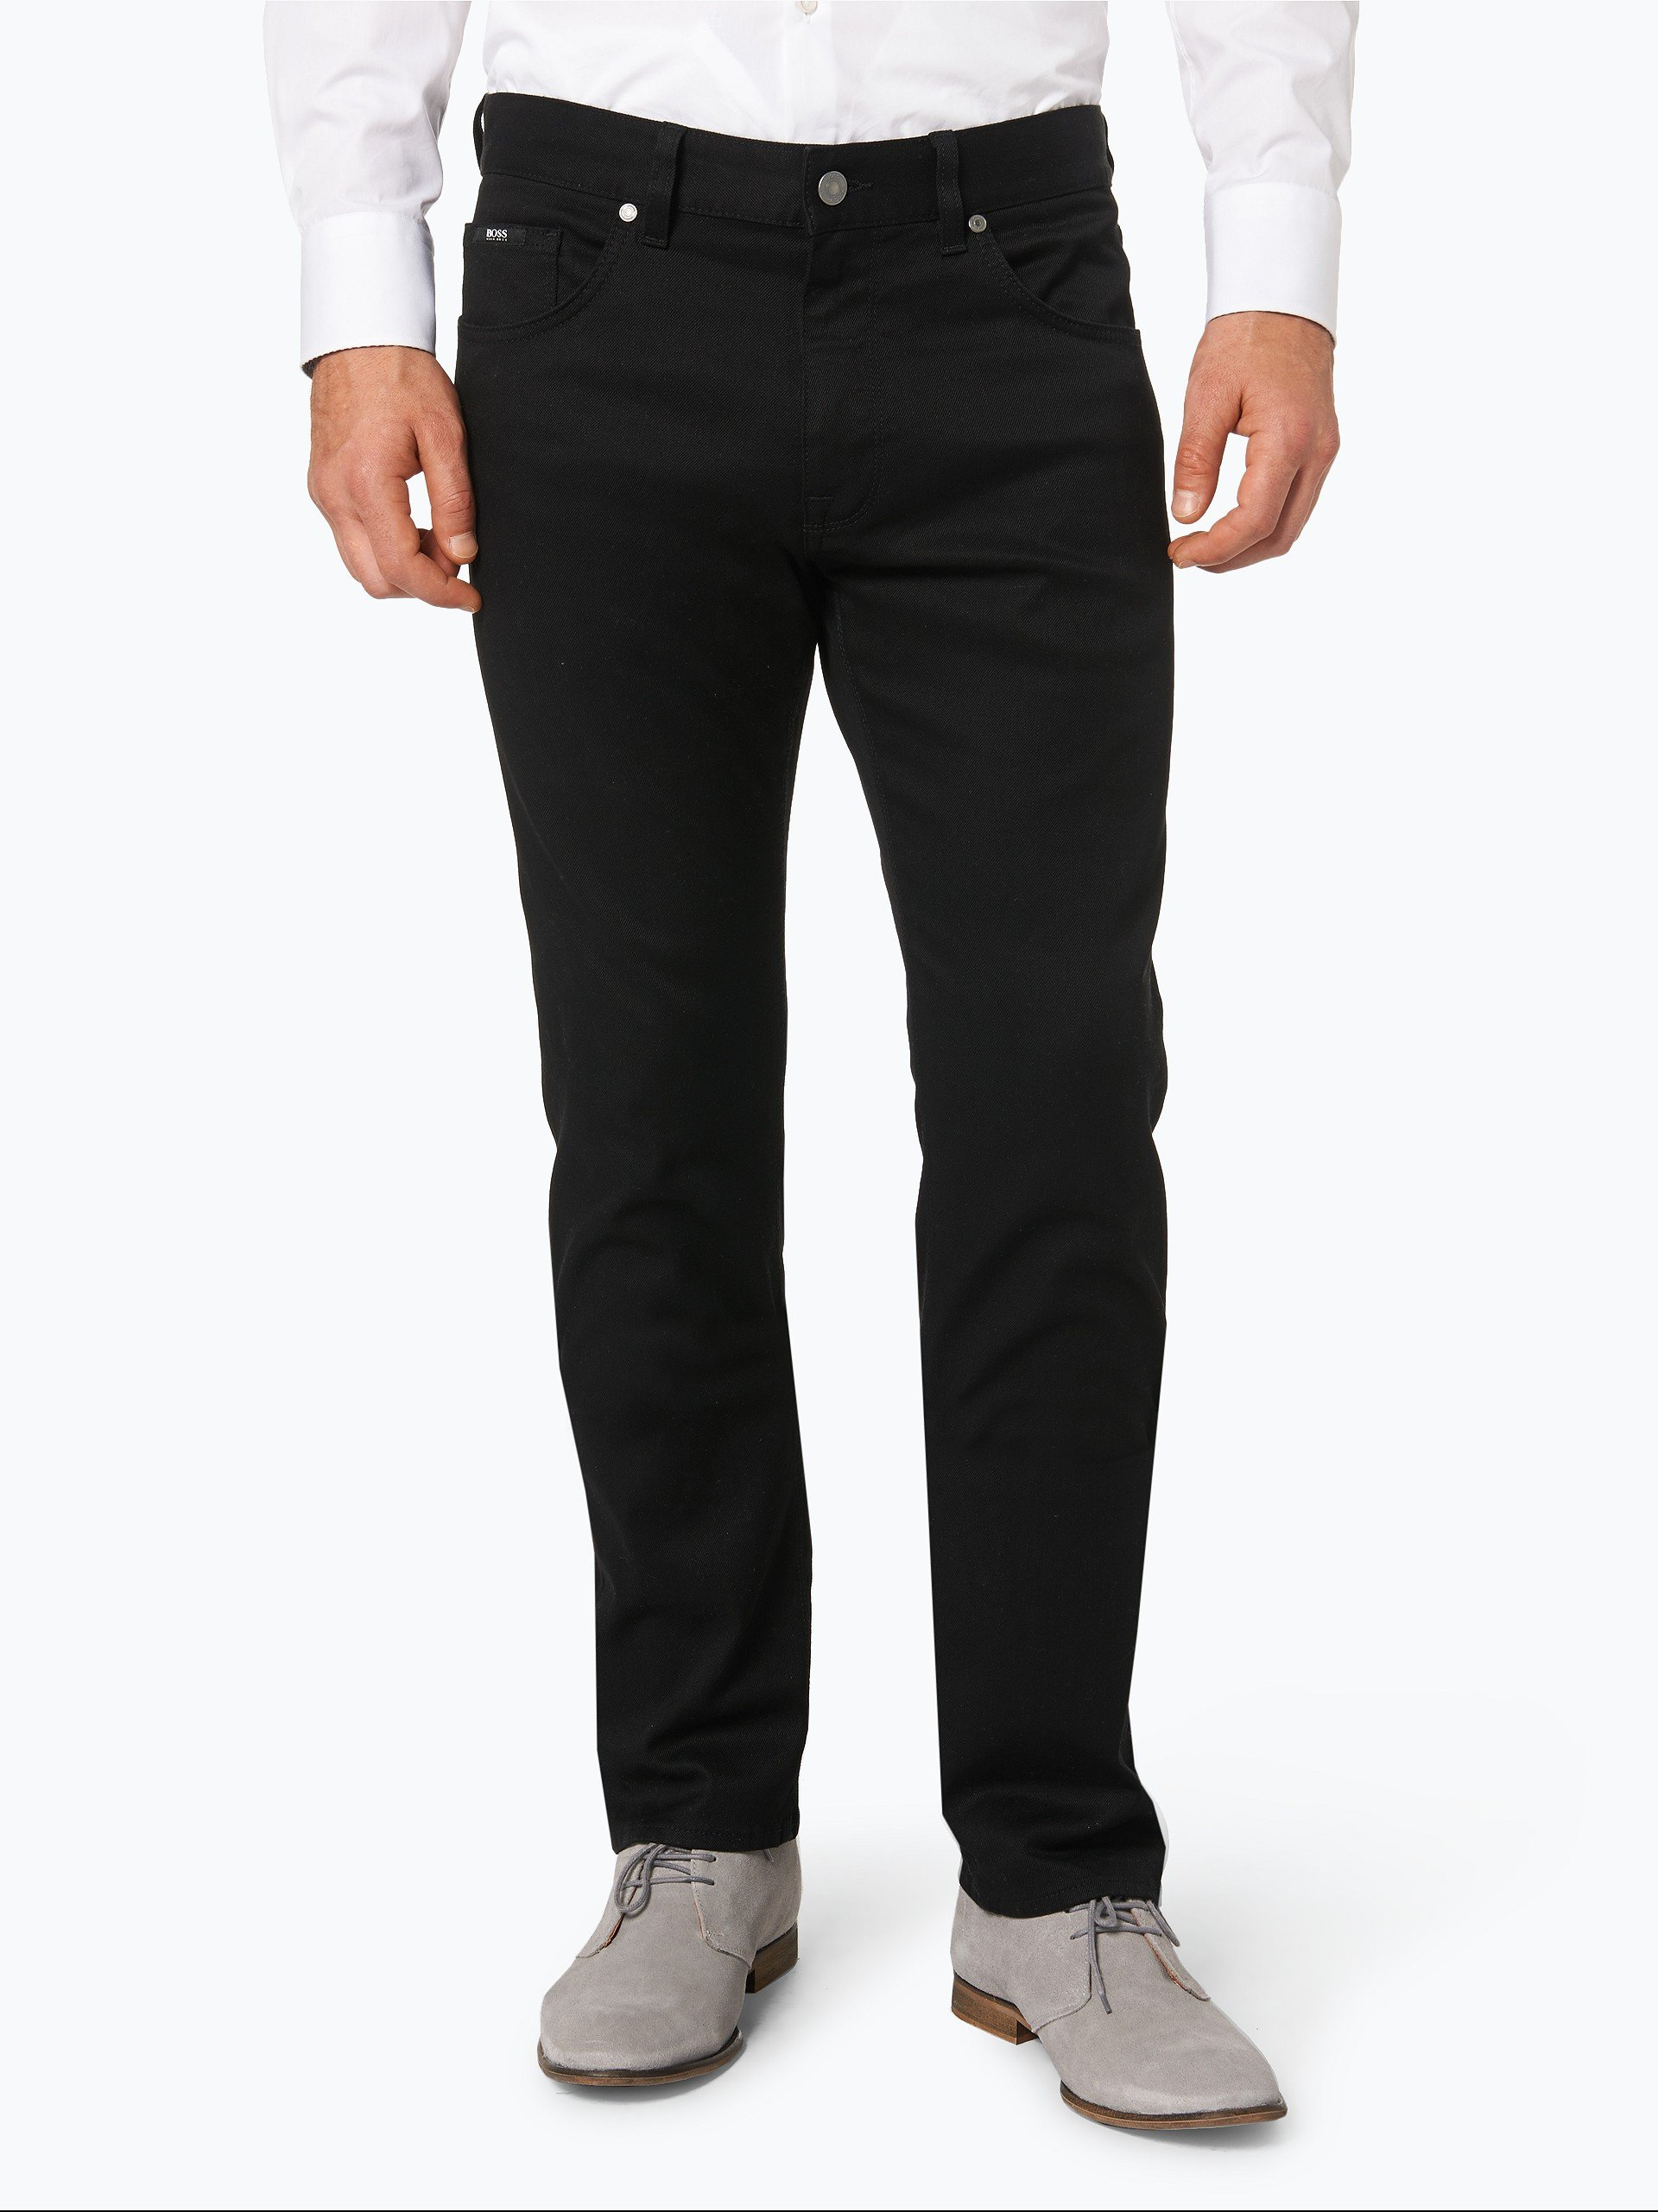 boss green herren jeans c maine1 schwarz uni online kaufen peek und cloppenburg de. Black Bedroom Furniture Sets. Home Design Ideas